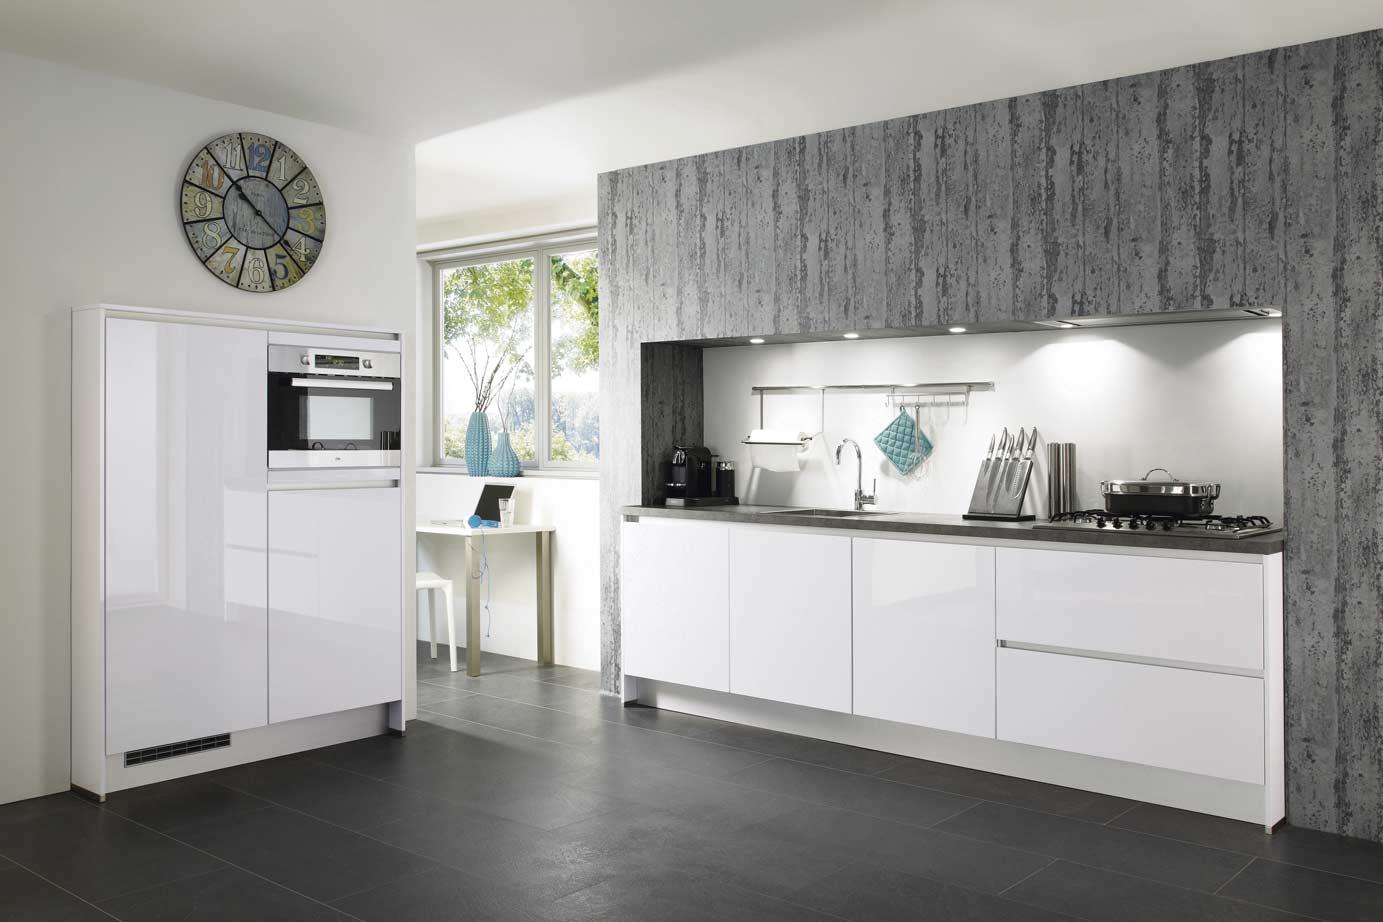 Hoogglans Keuken Zwart : Hoogglans keuken bekijk voorbeelden ook in wit db keukens